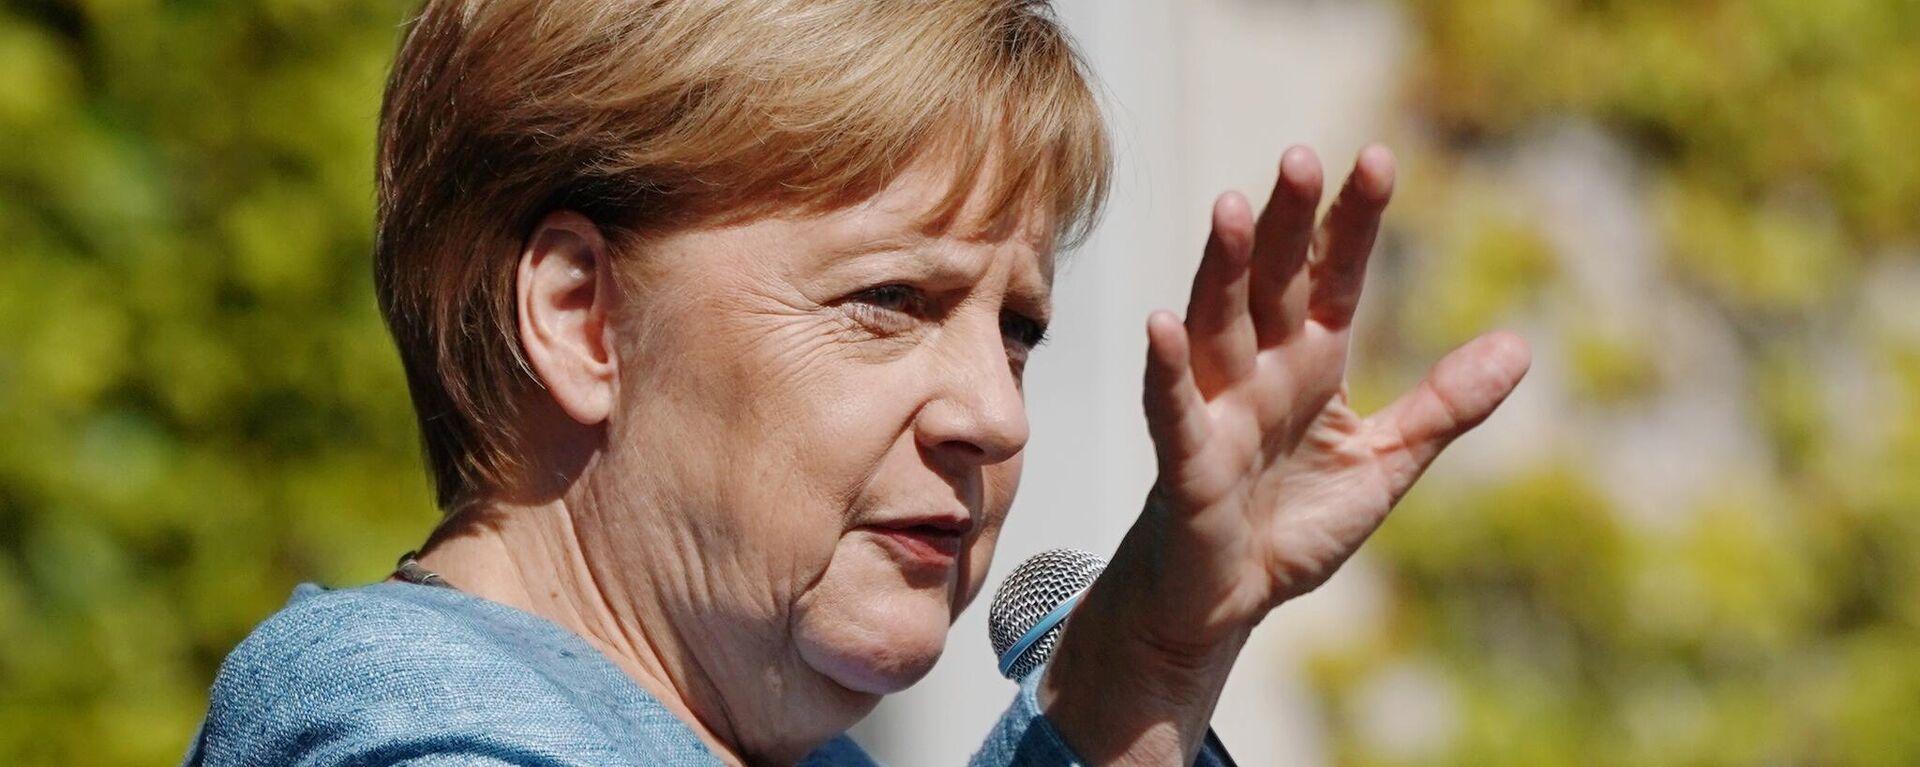 Bundeskanzlerin Merkel - SNA, 1920, 07.09.2021